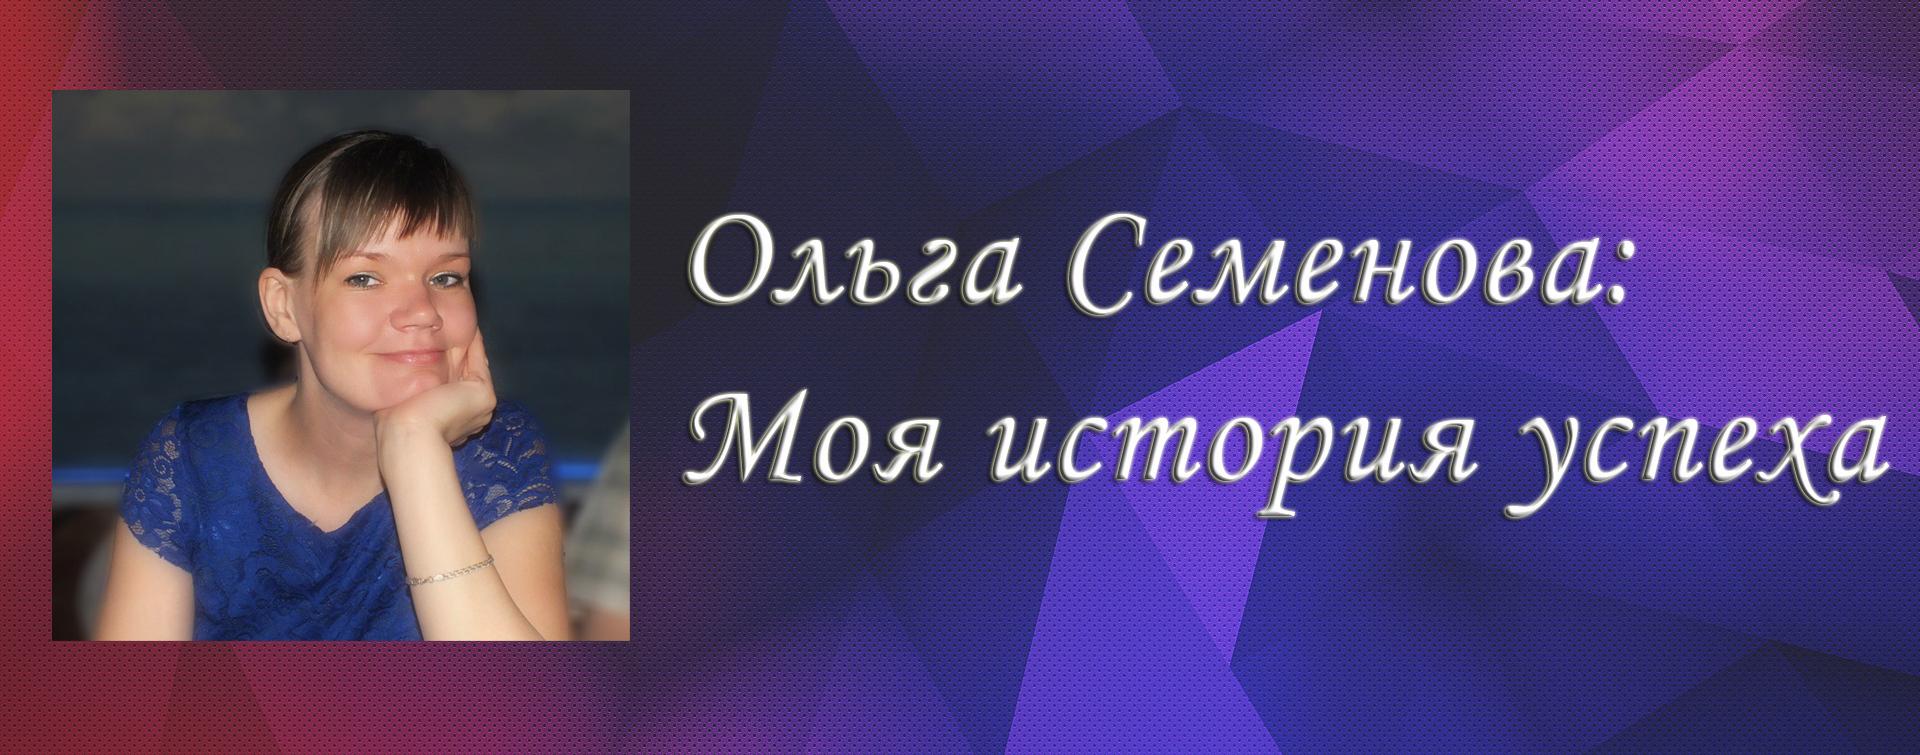 Истории успеха forex стать директором филиала forex комсомольск-на-амуре